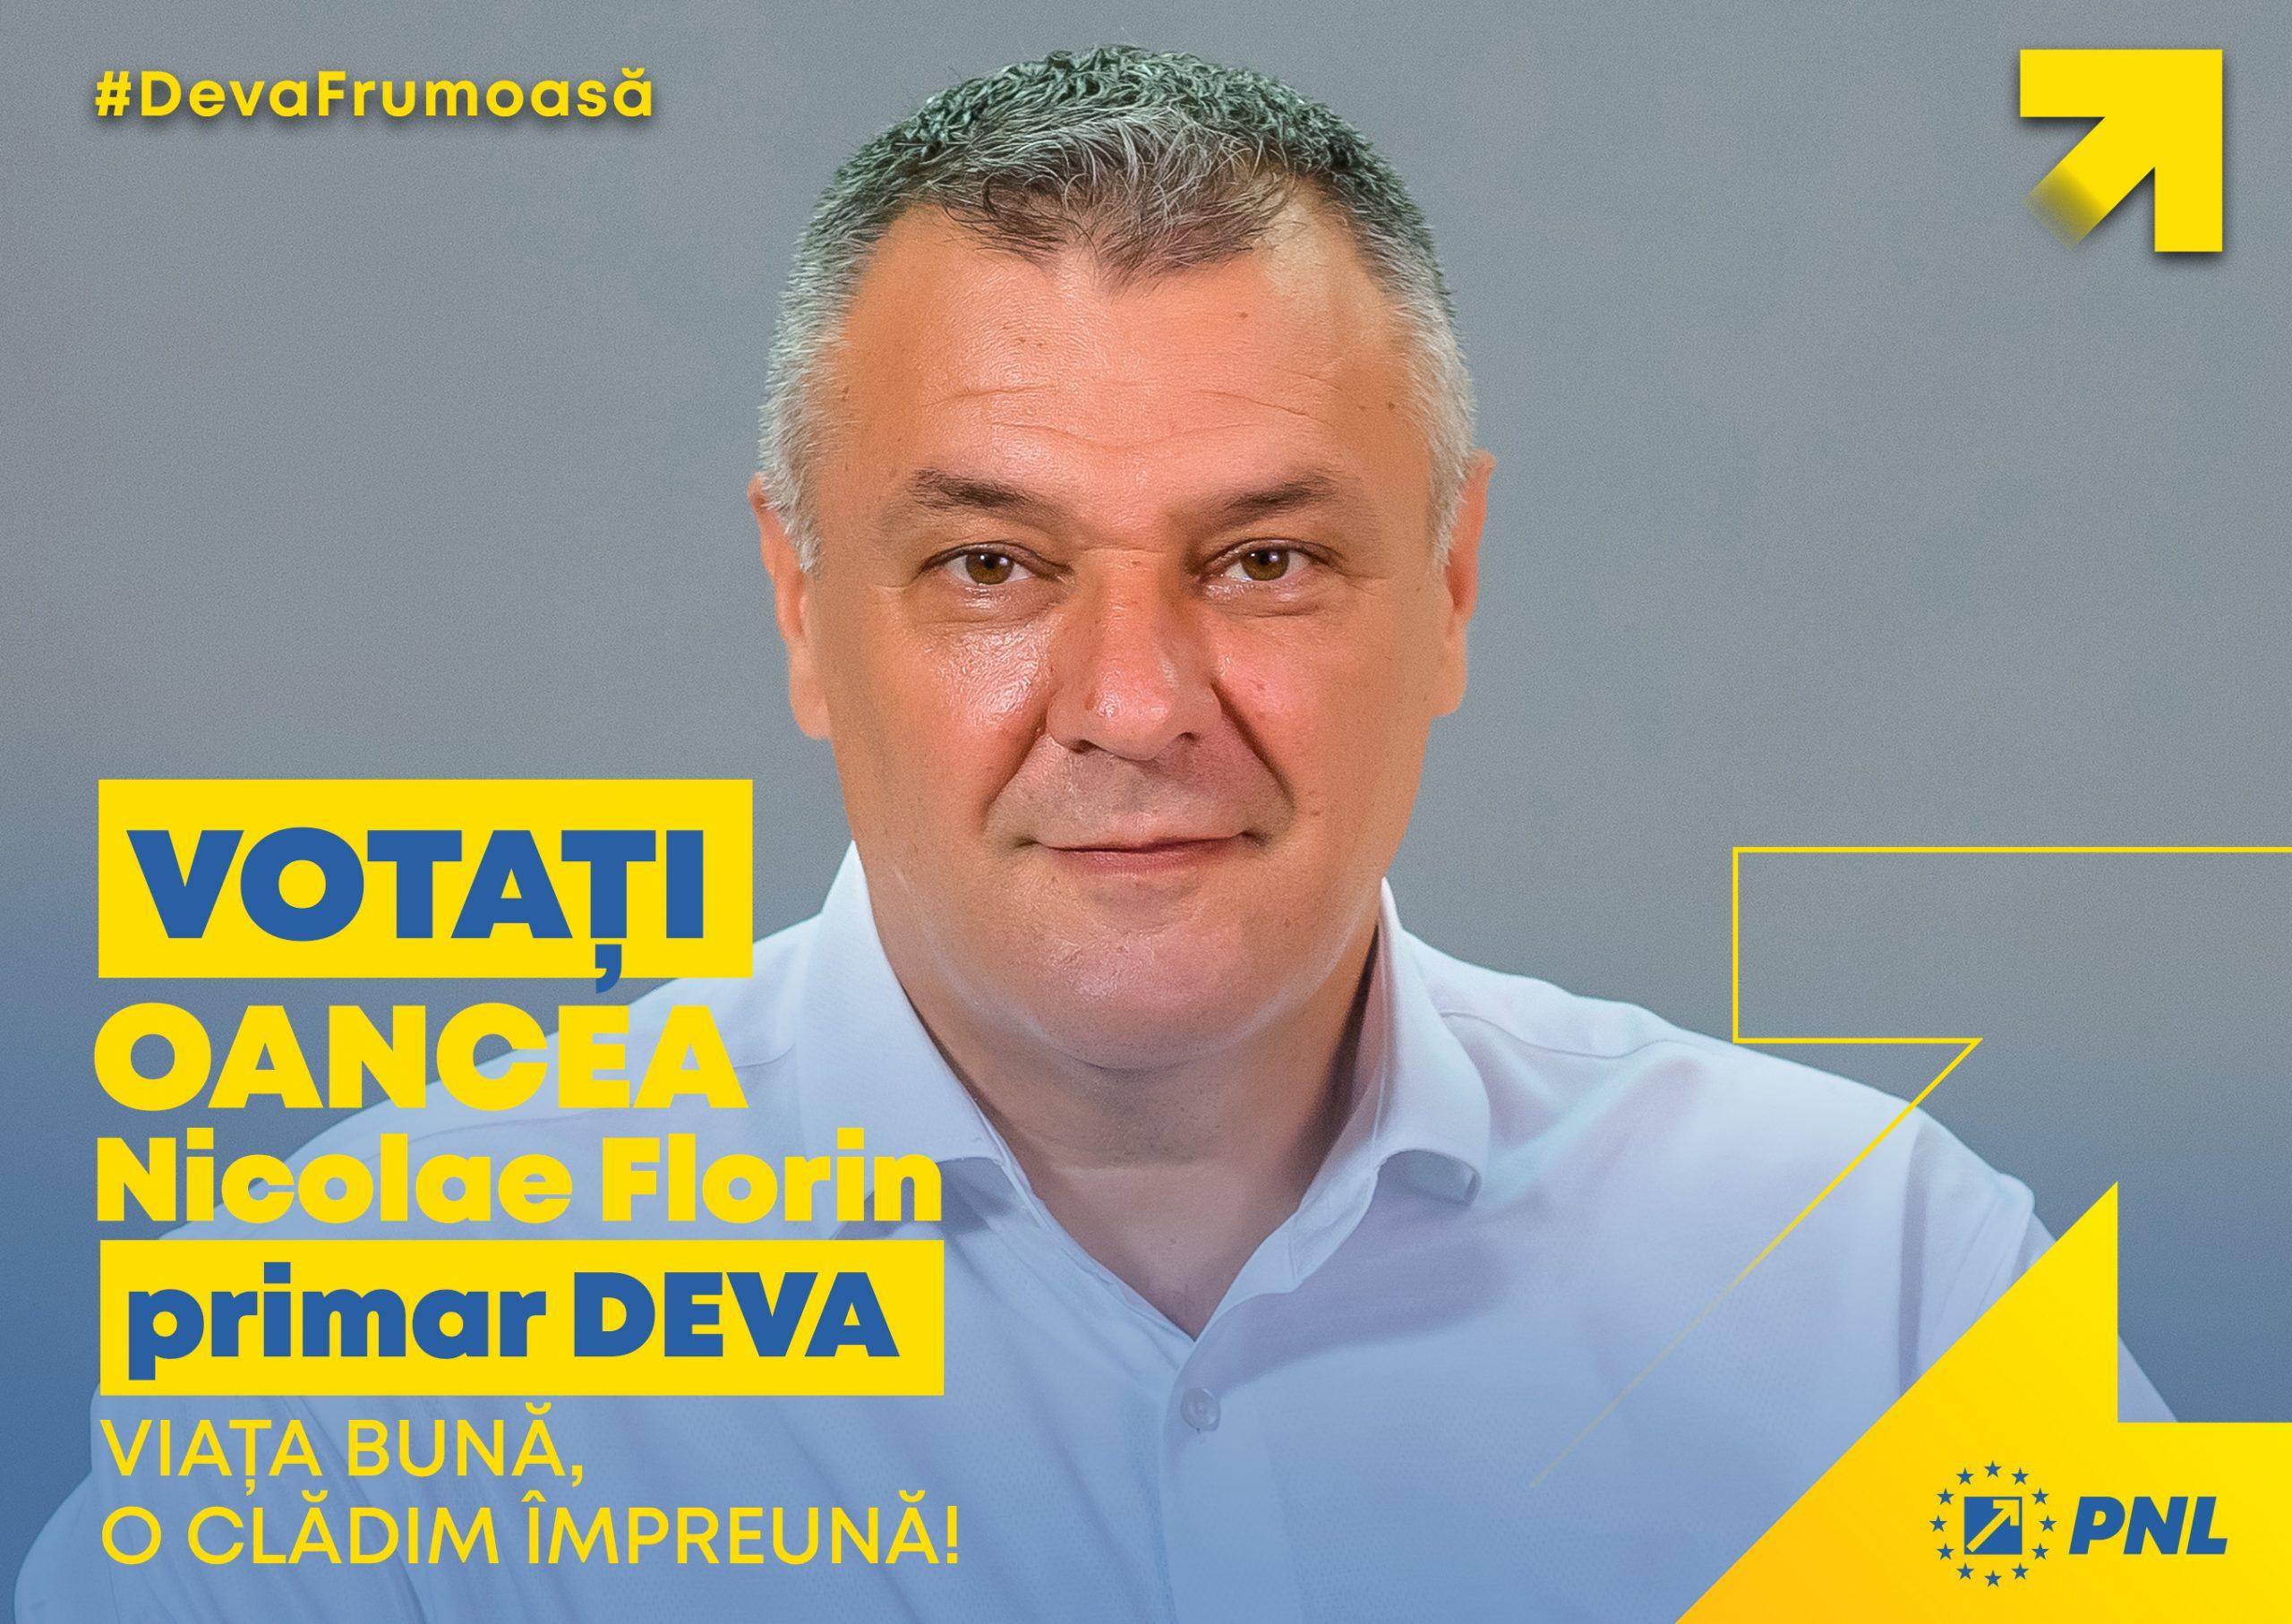 Primarul Florin Nicolae Oancea și cea mai bună echipă de consilieri locali liberali pentru următorul mandat – realizările dintr-un mandat scurt, de aproximativ 2 ani si nouă luni precum și proiectele viitoare.